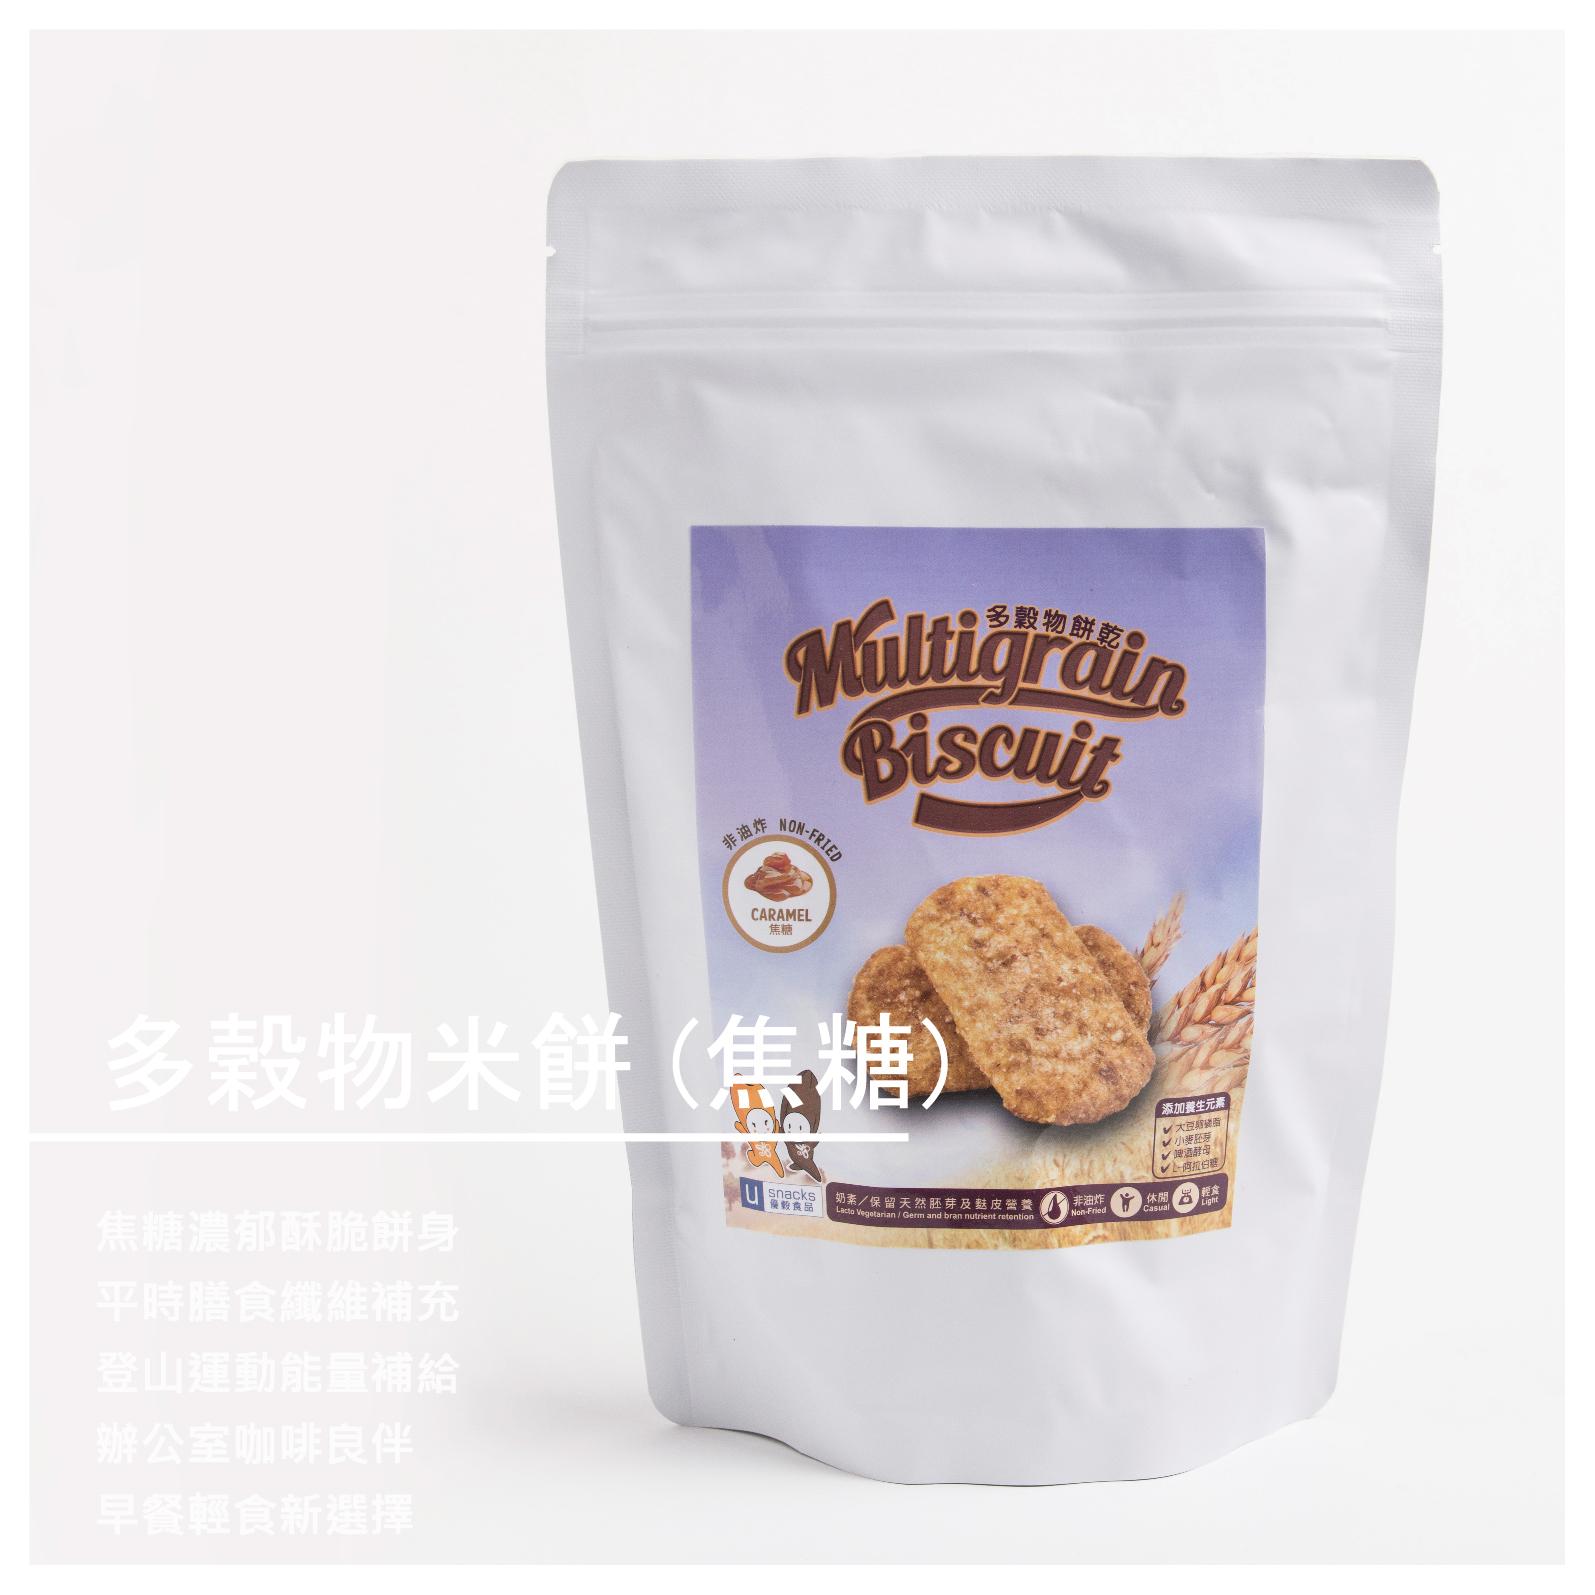 【優穀食品有限公司】多穀物米餅 (焦糖) 120G